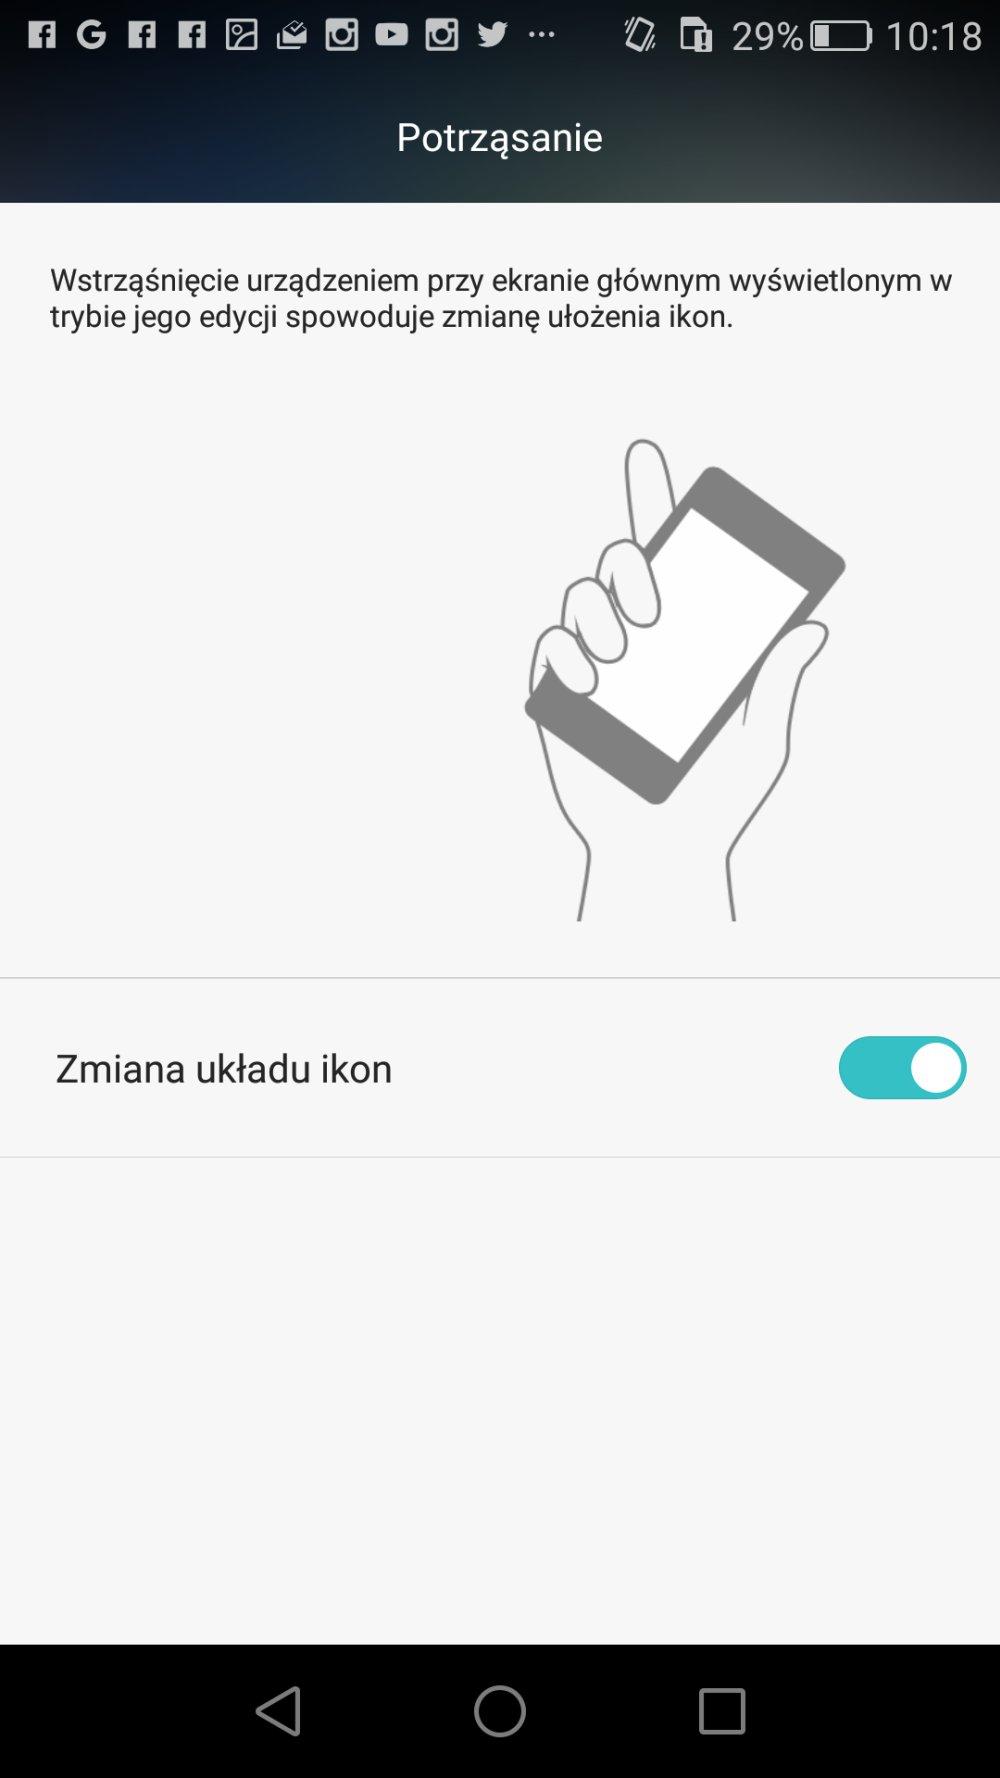 W Honorze 5X z bałaganem ikon można poradzić sobie stosując terapię wstrząsową ;) - recenzja 90sekund.pl